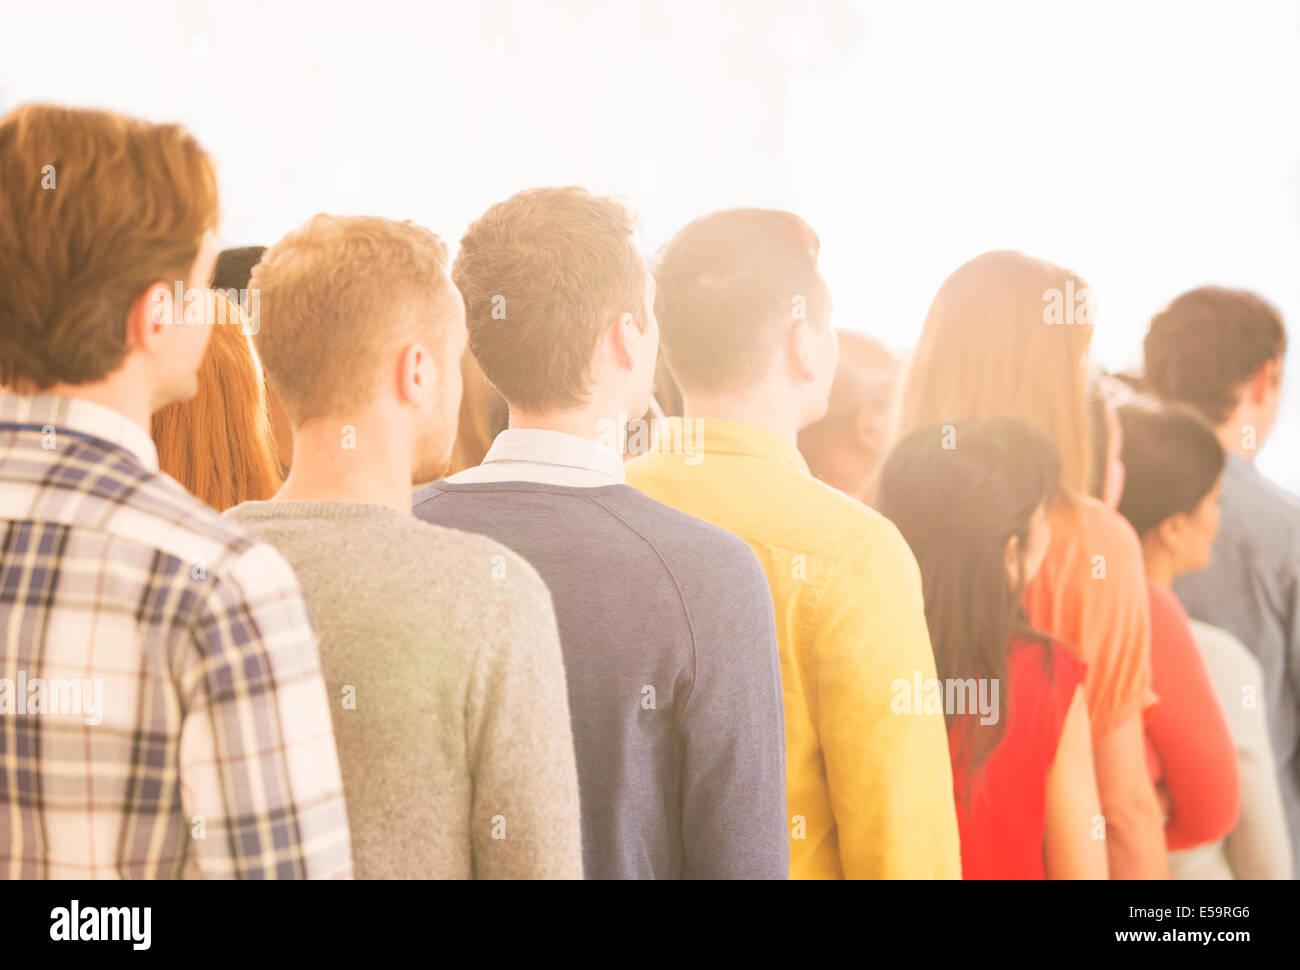 Multitud esperando en cola. Imagen De Stock